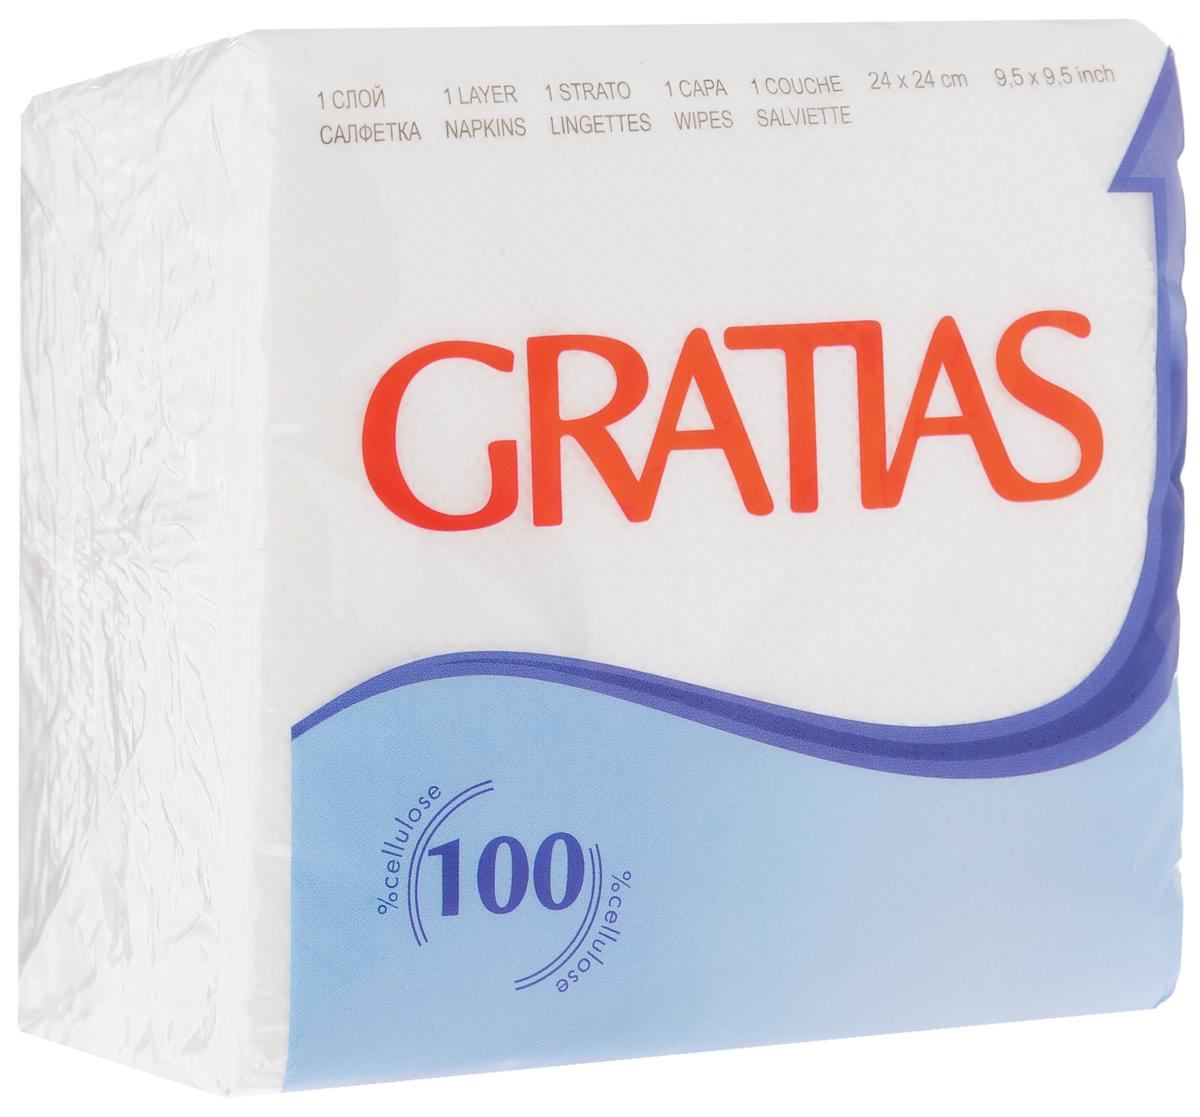 """Салфетки бумажные """"Gratias"""", однослойные, 24 х 24 см, 90 шт"""